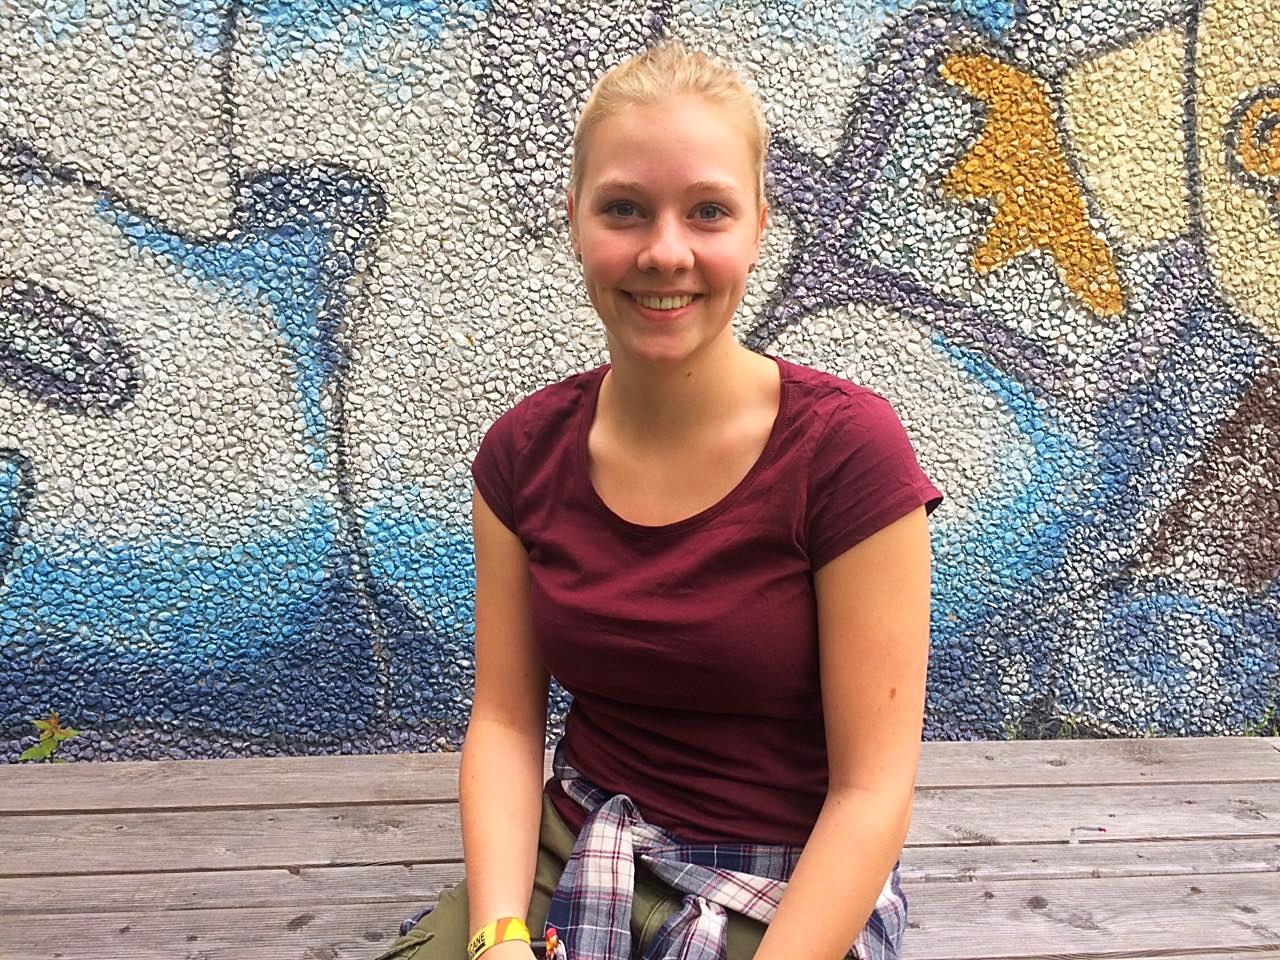 Viele junge Menschen gehen nach dem Schulabschluss ins Ausland. Nele Hohagen blieb da - und zwar bewusst! Im Jugendzentrum in Aurich absolviert sie ihr FSJ.